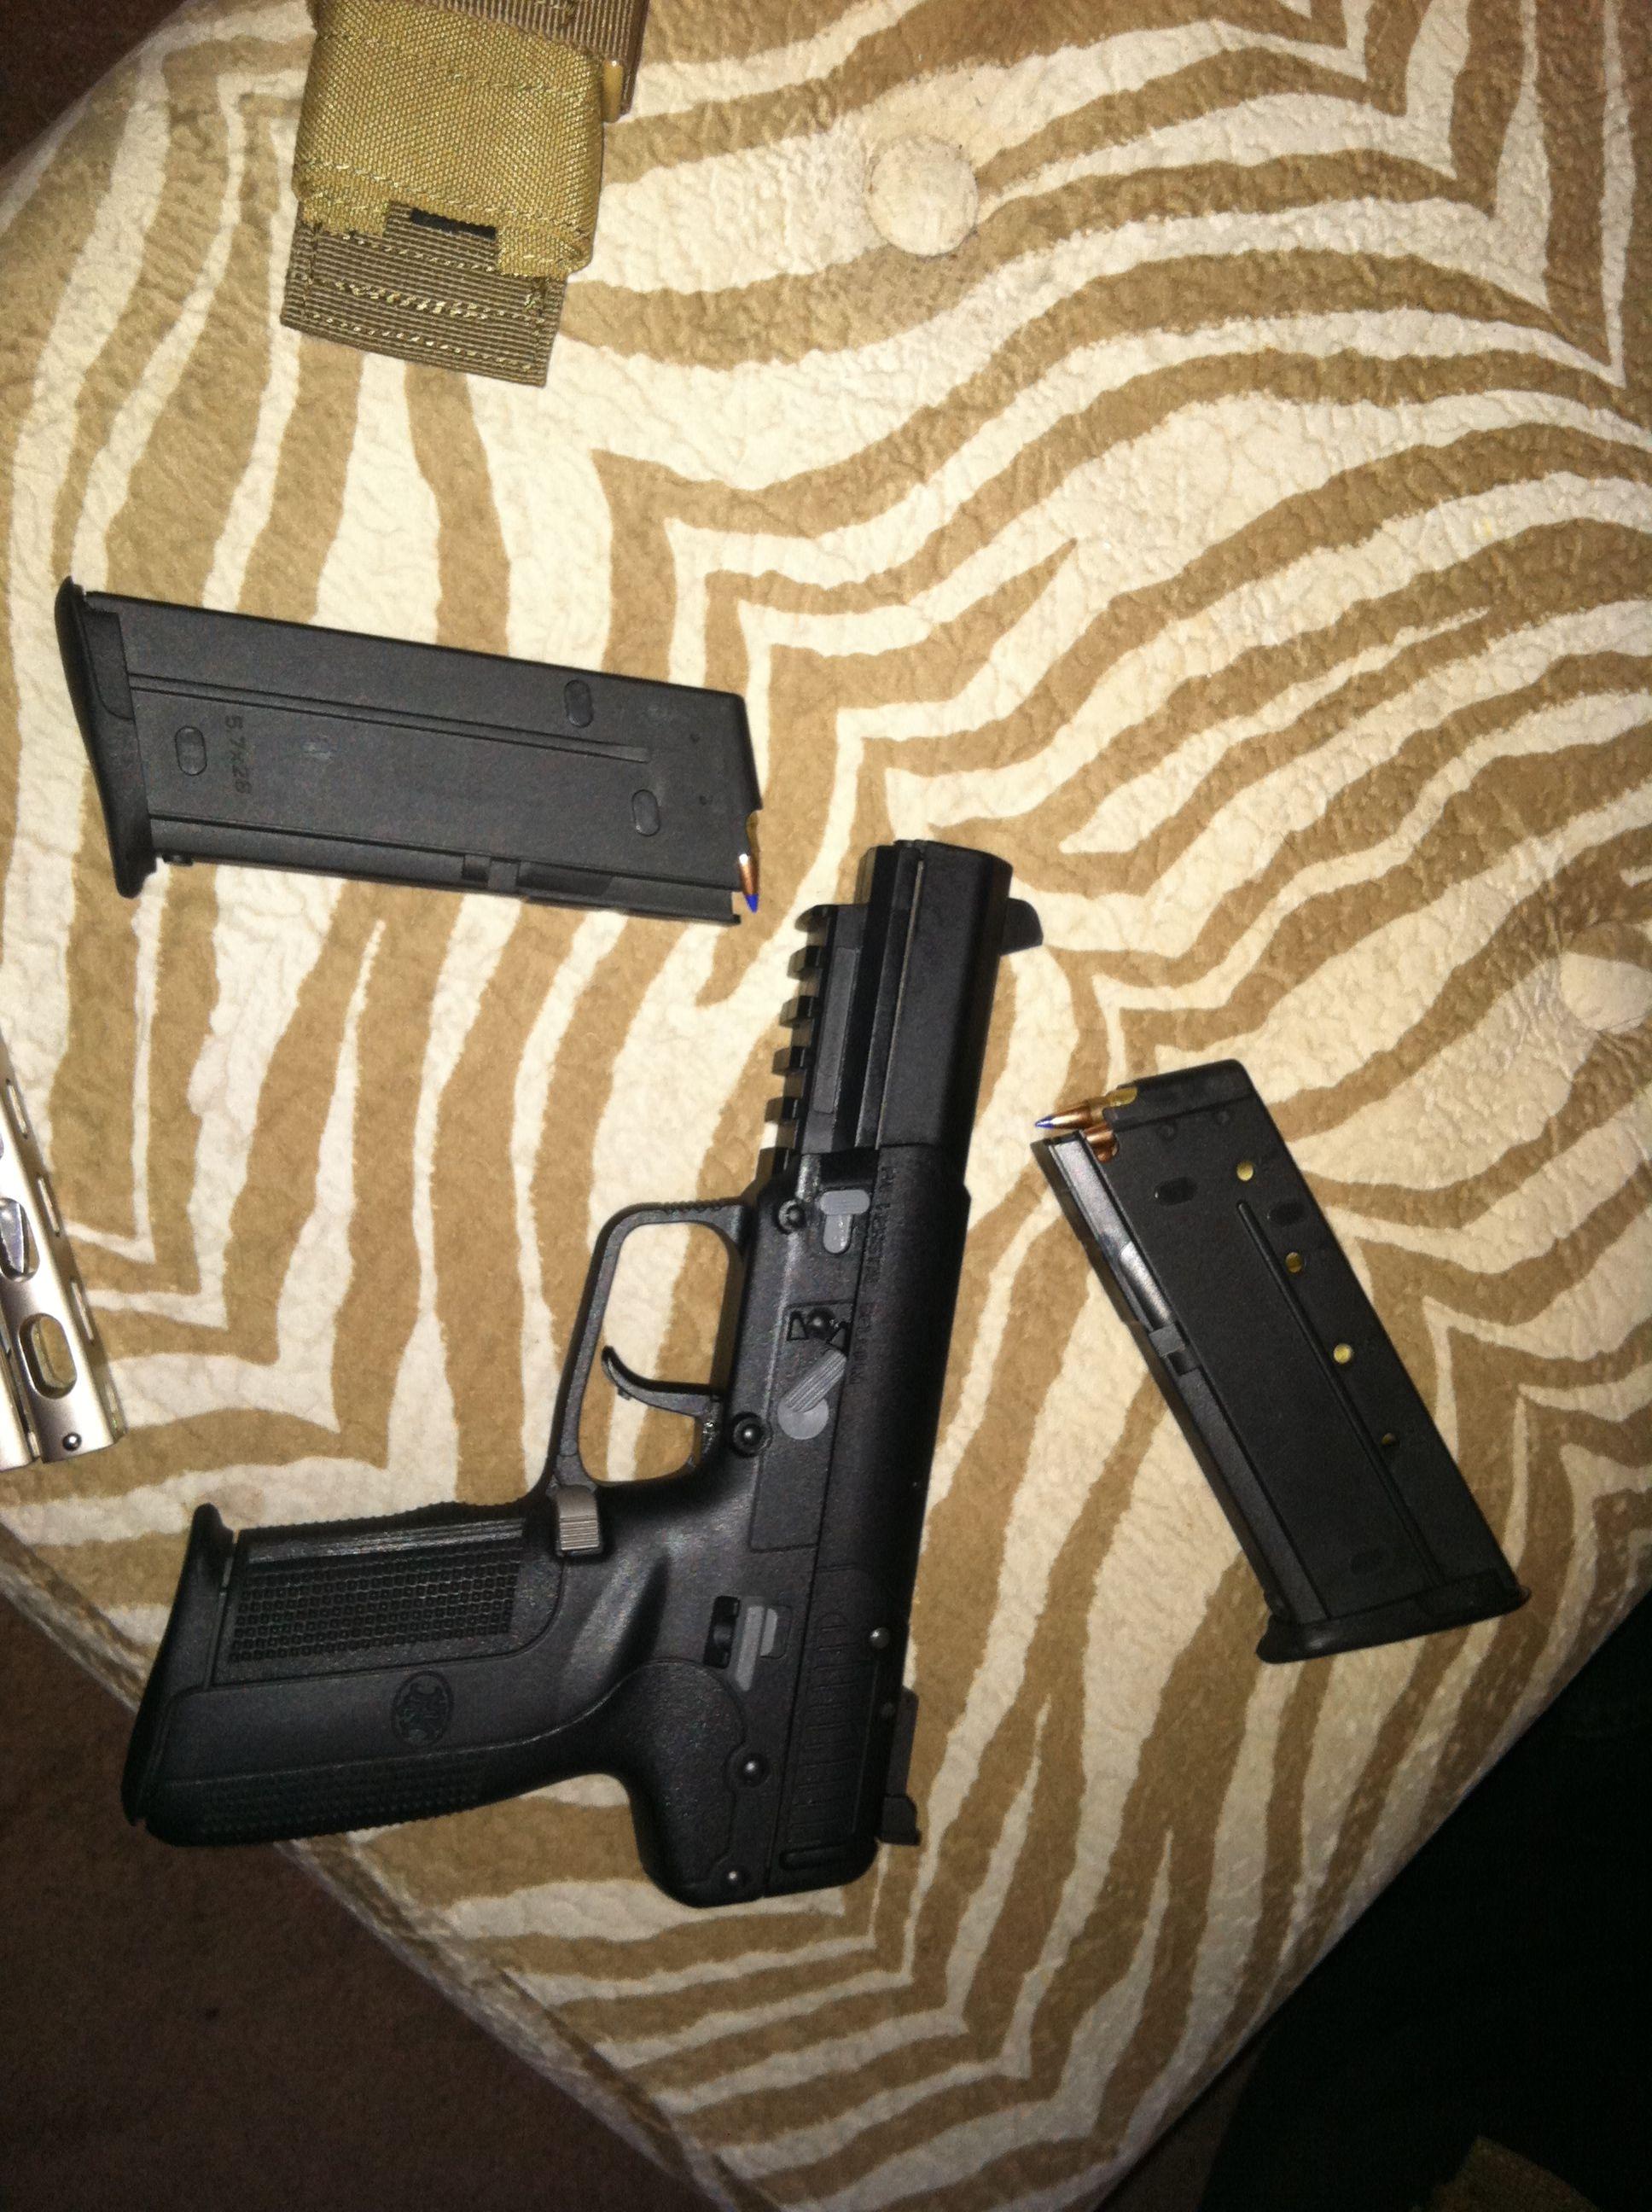 Five-seven sicc ass gun